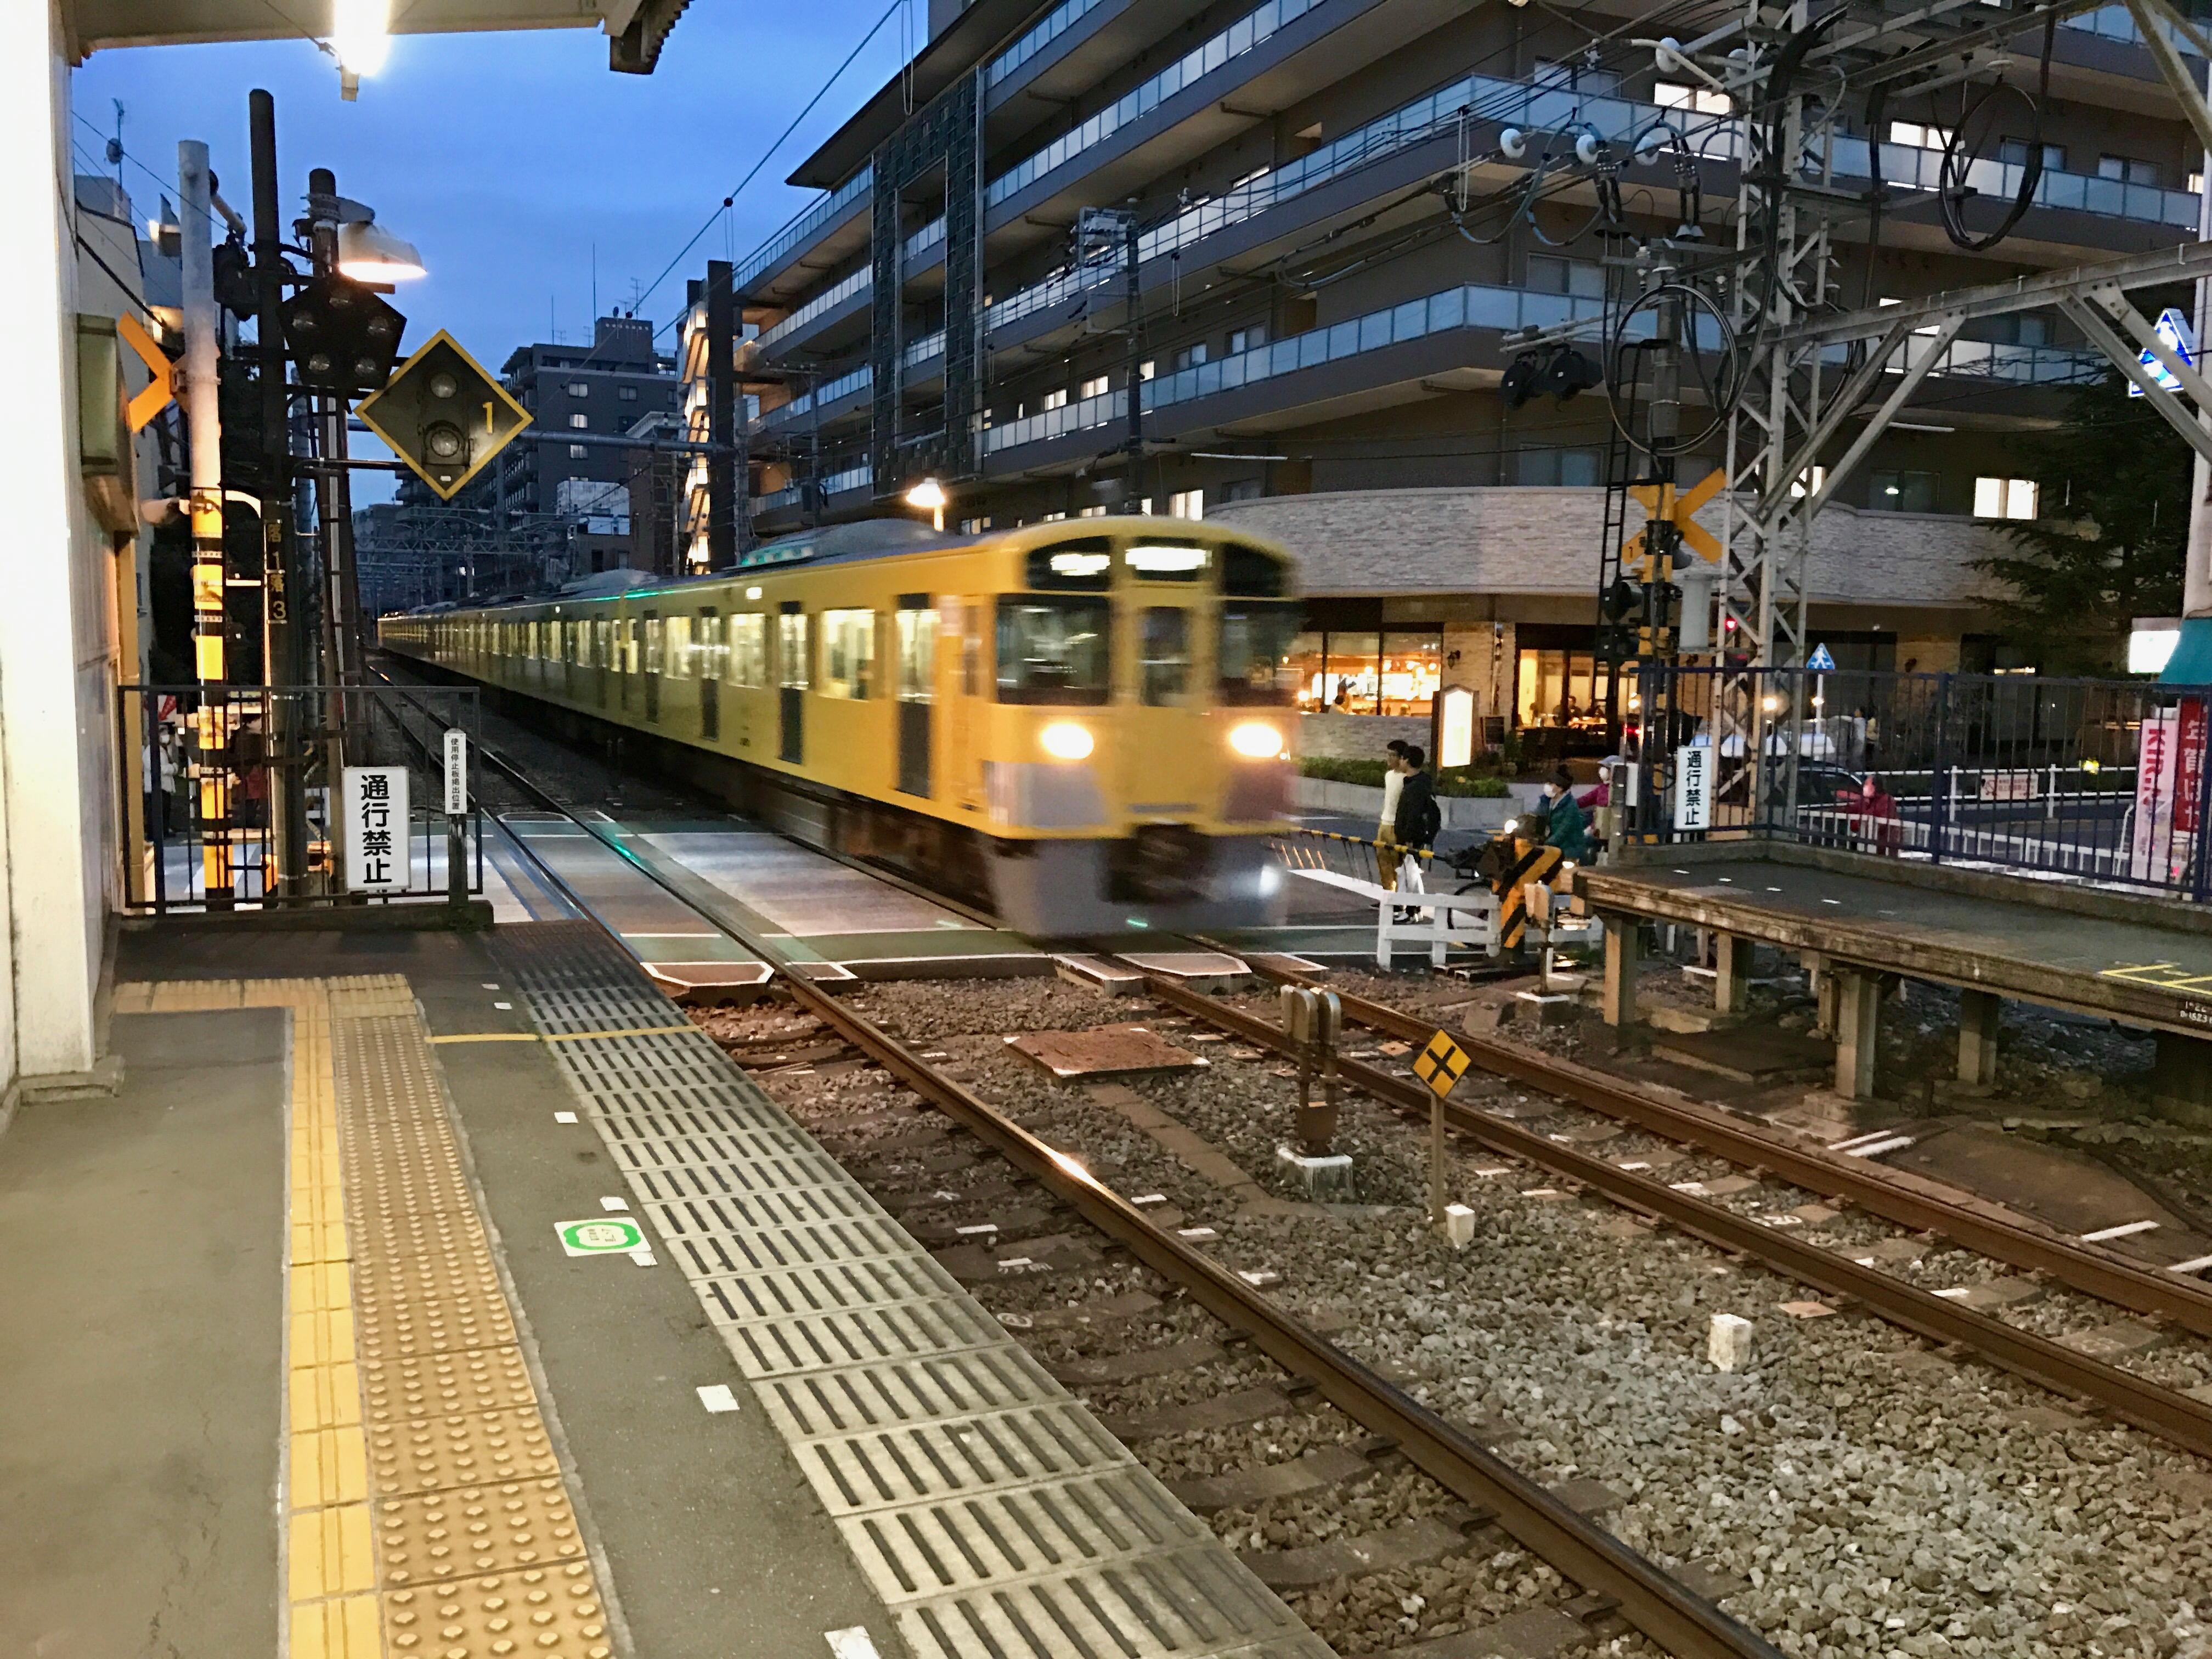 365 Jours de Tokyo Day 3